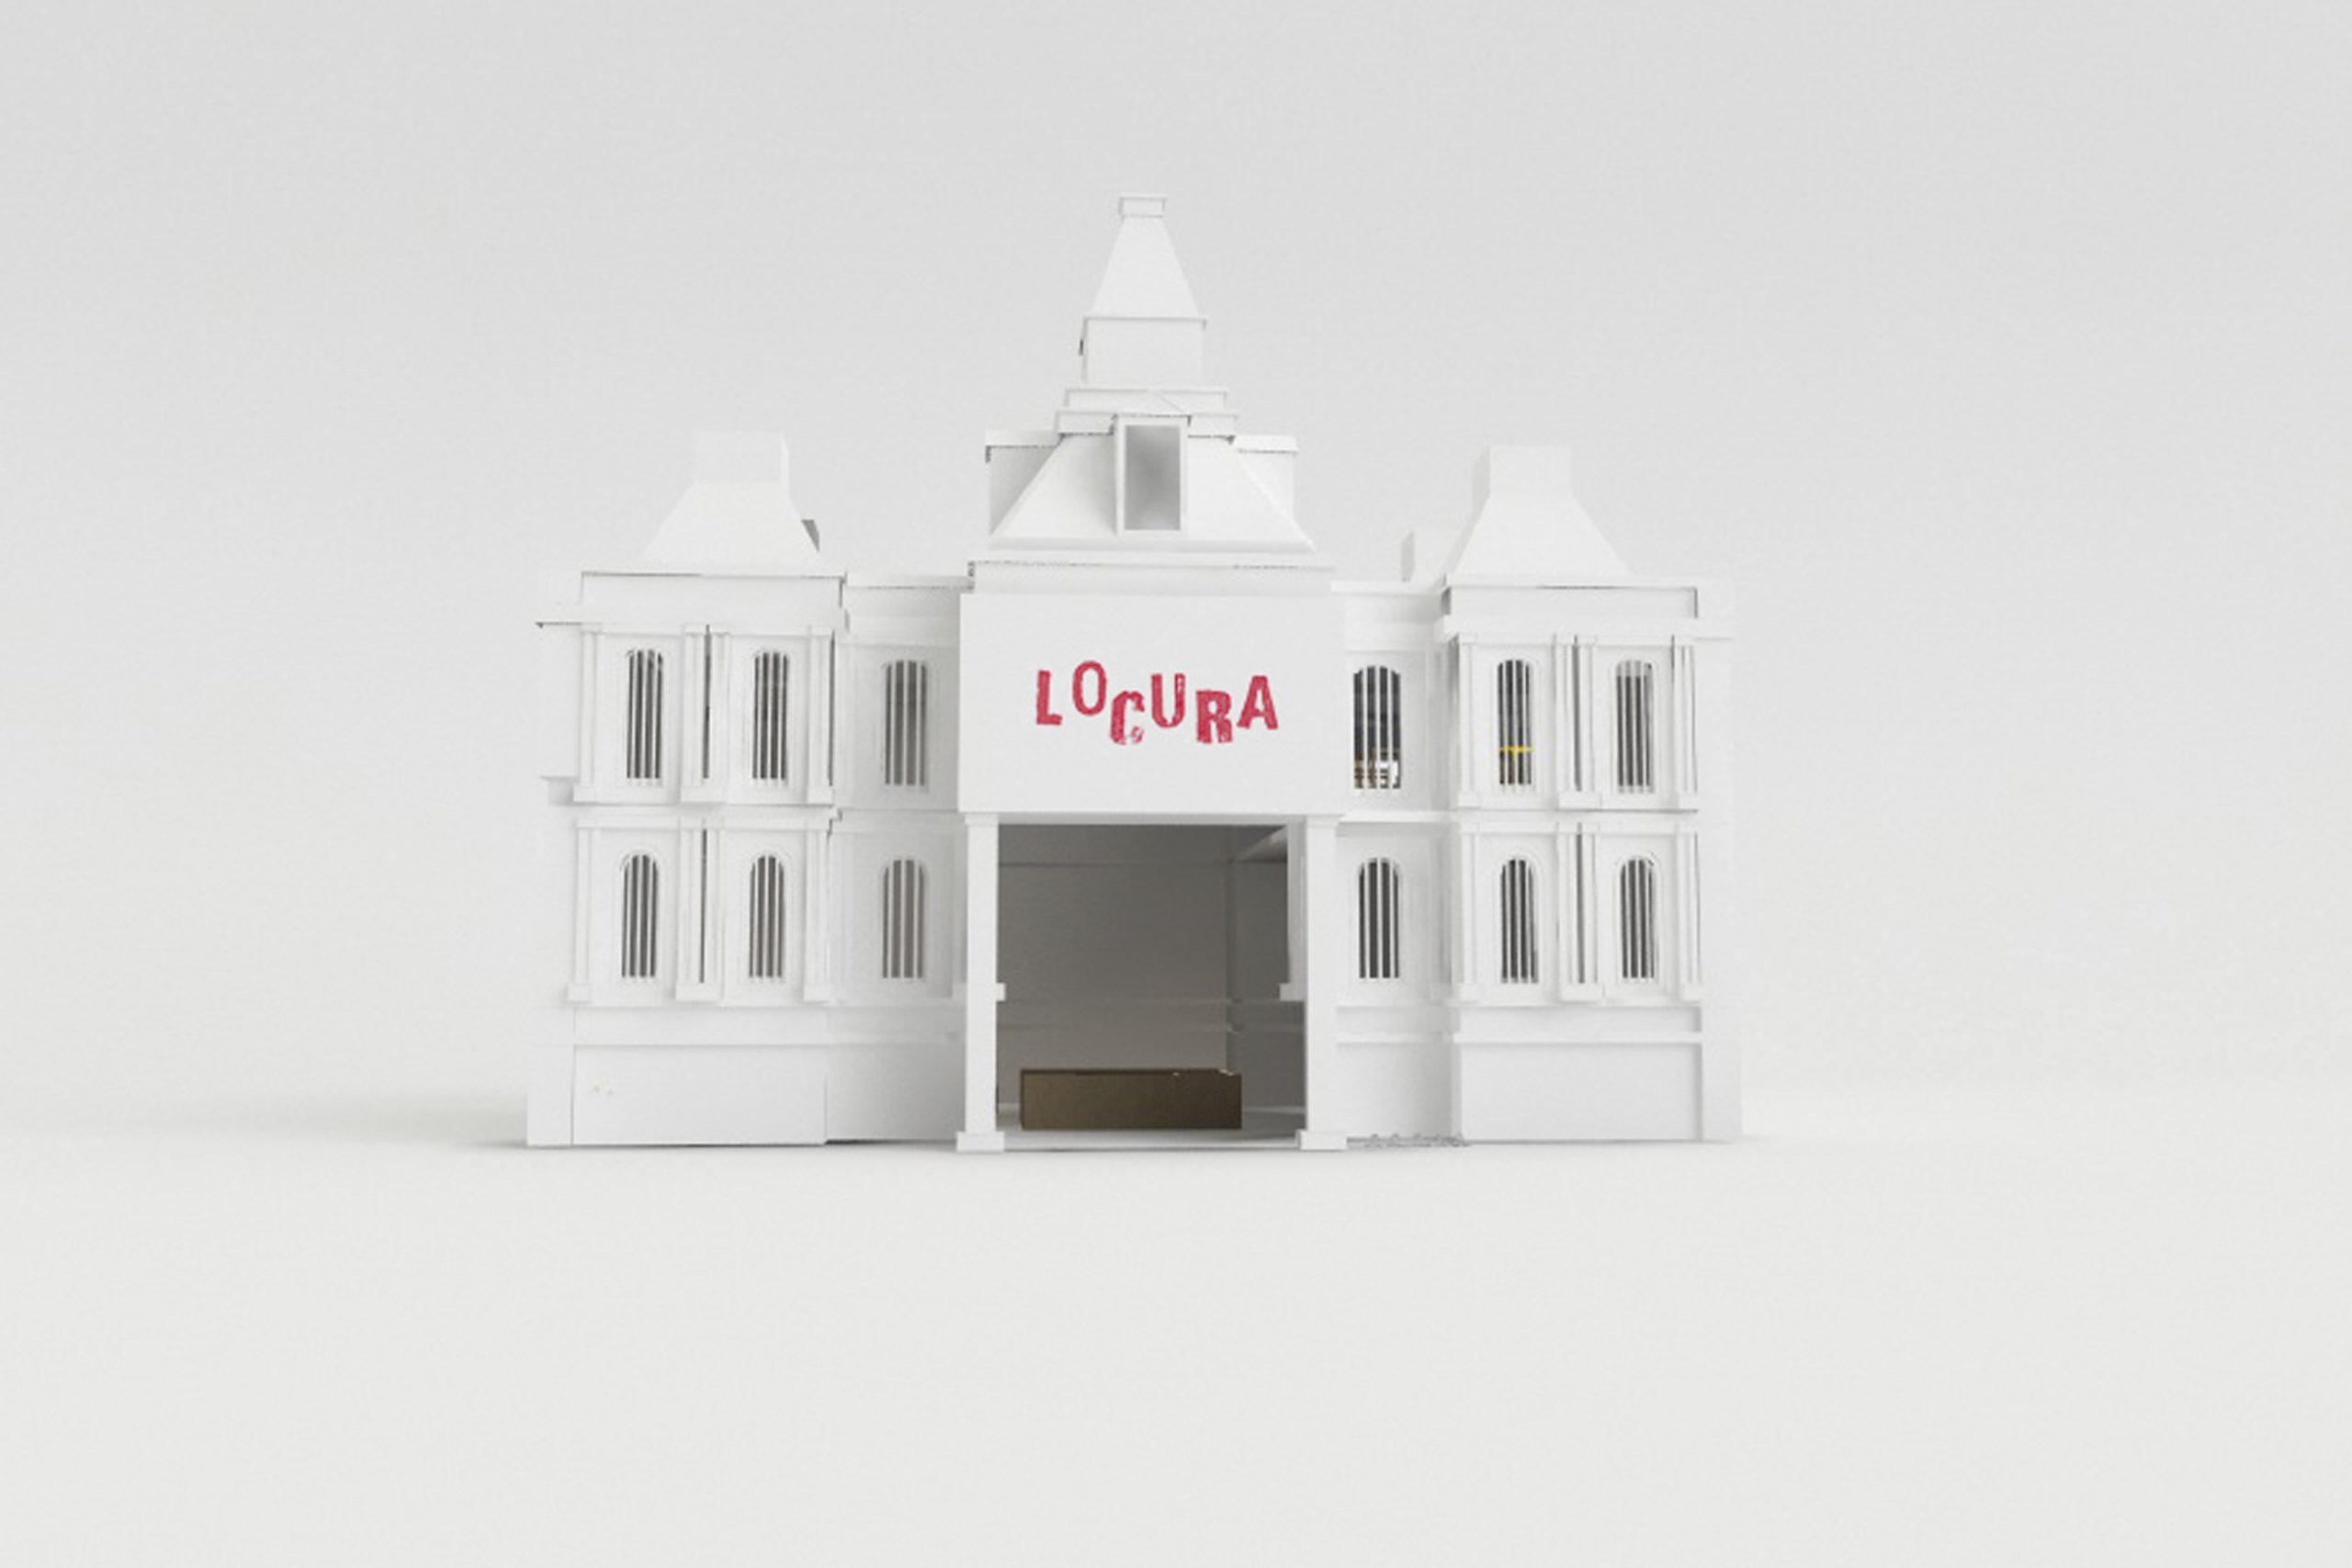 locura-edificio